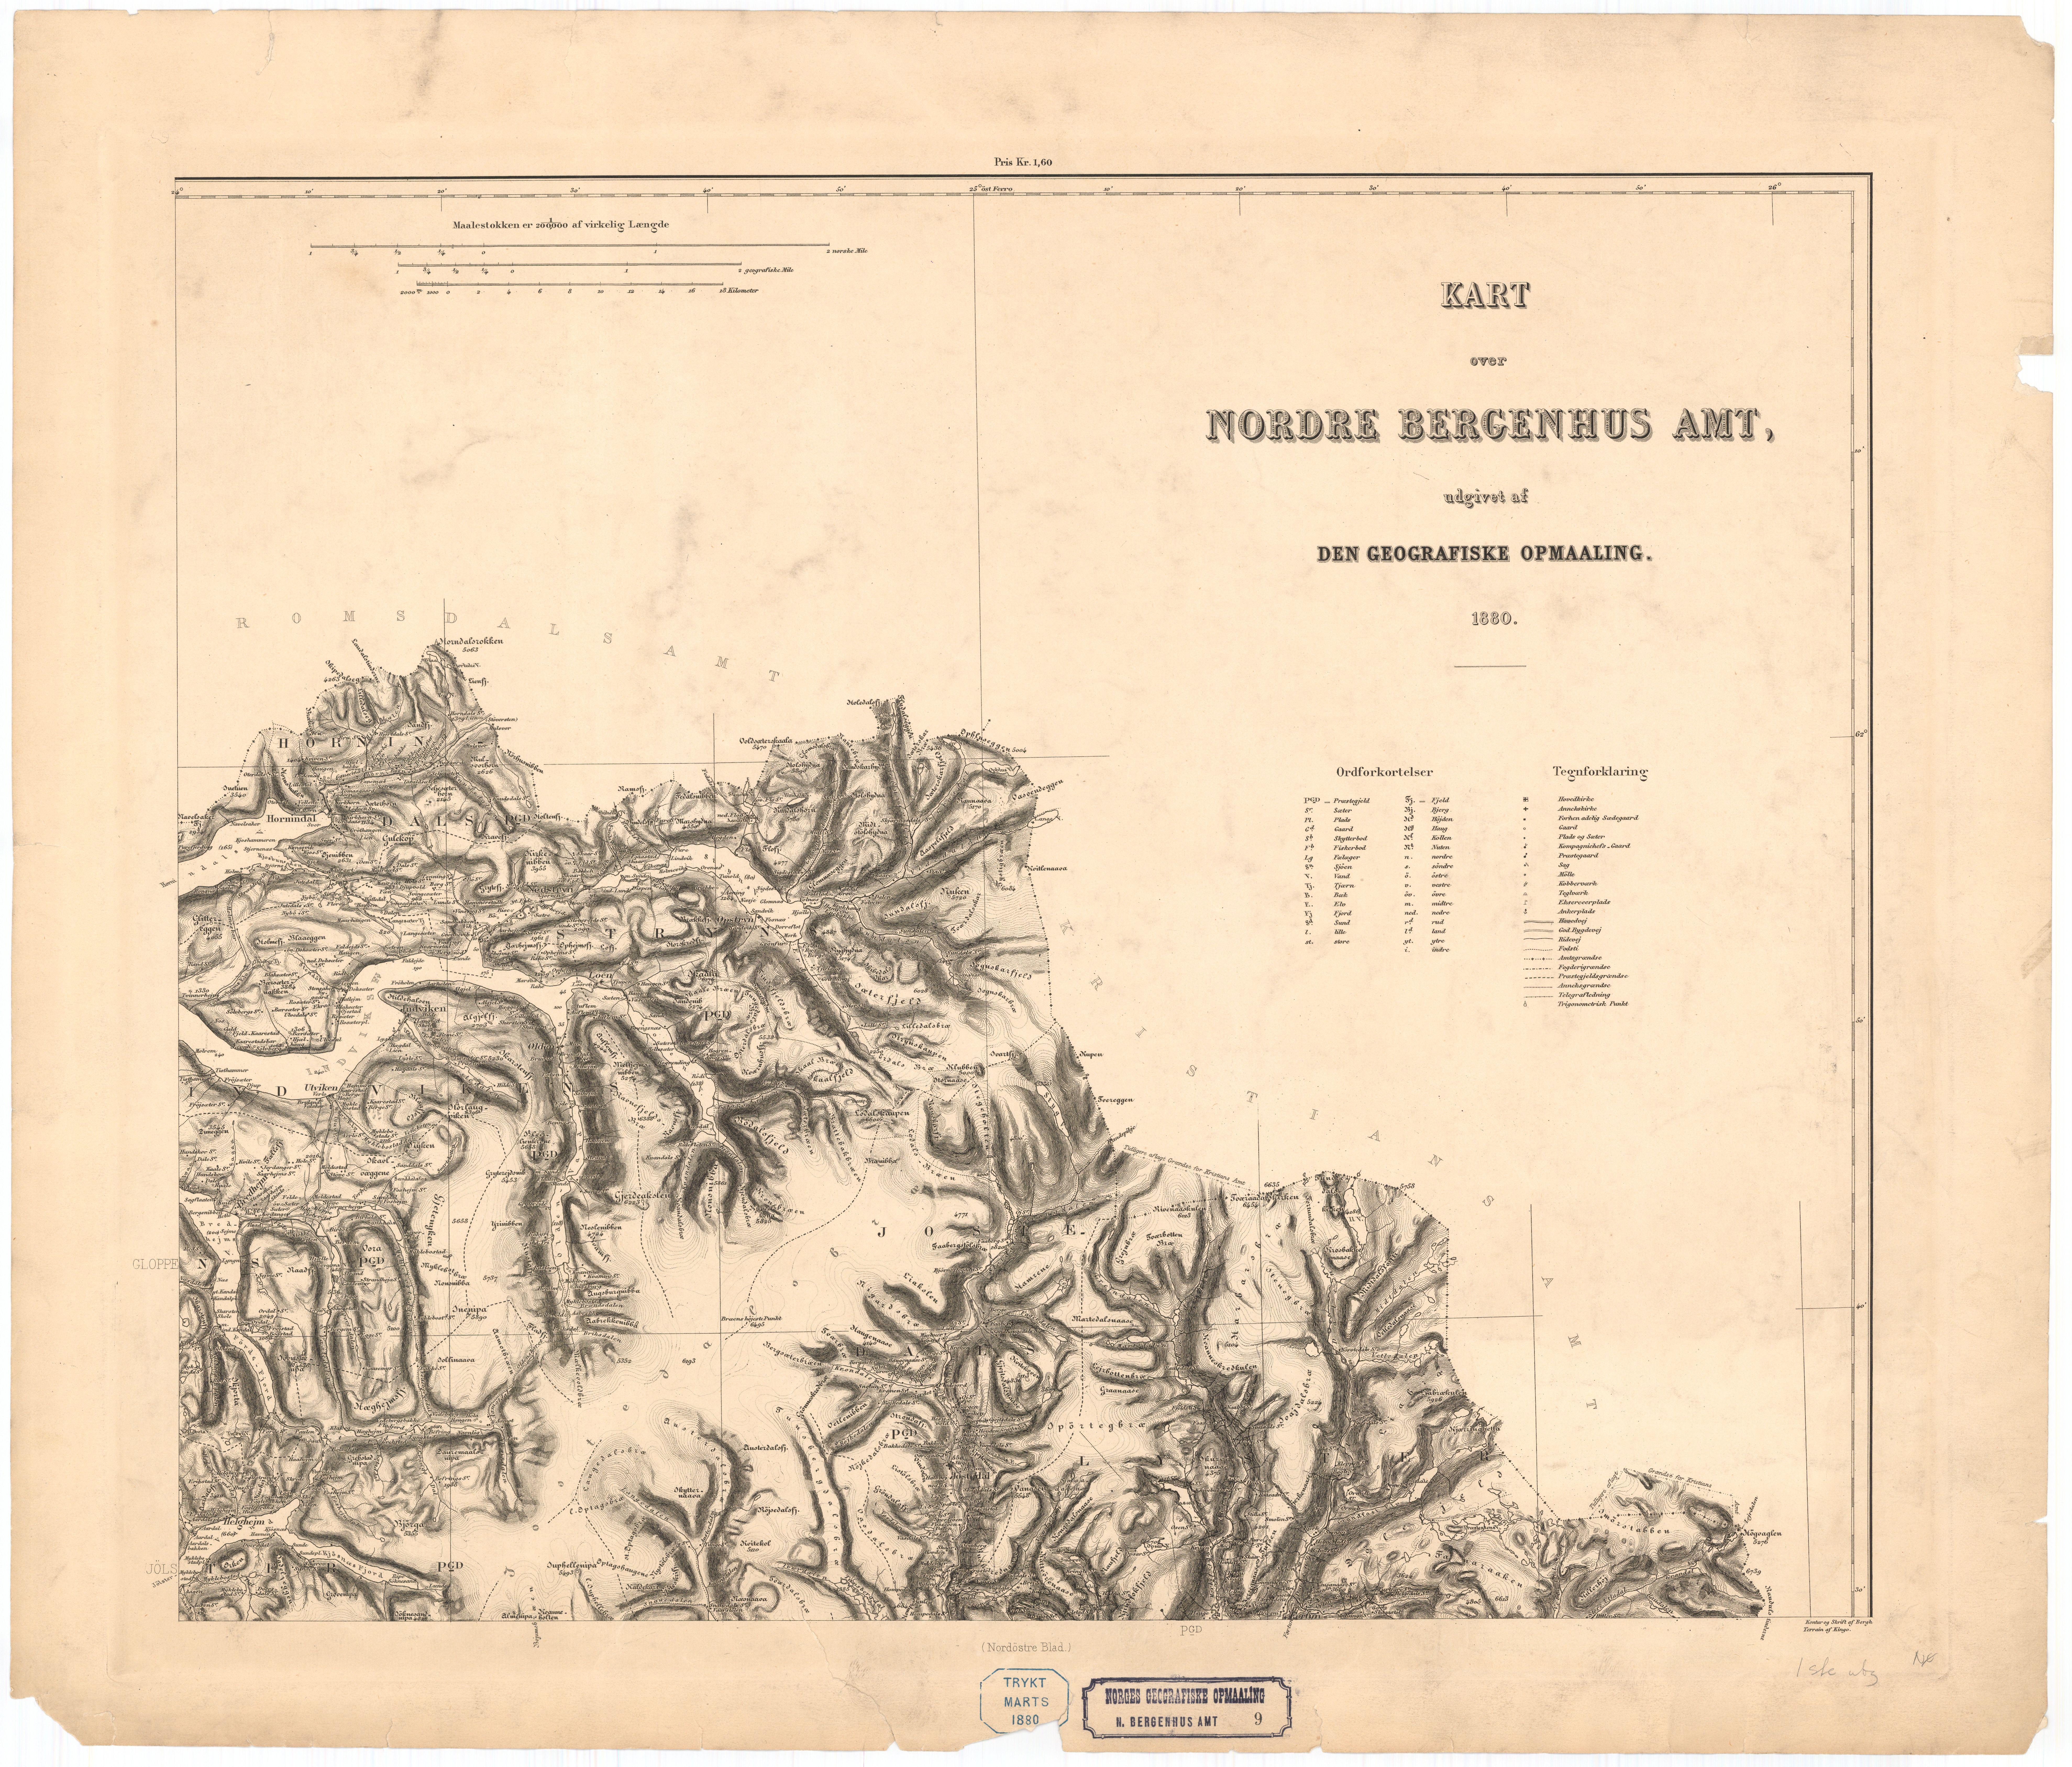 1880 kart File:Kart over Nordre Bergenhus Amt (nø), 1880.   Wikimedia Commons